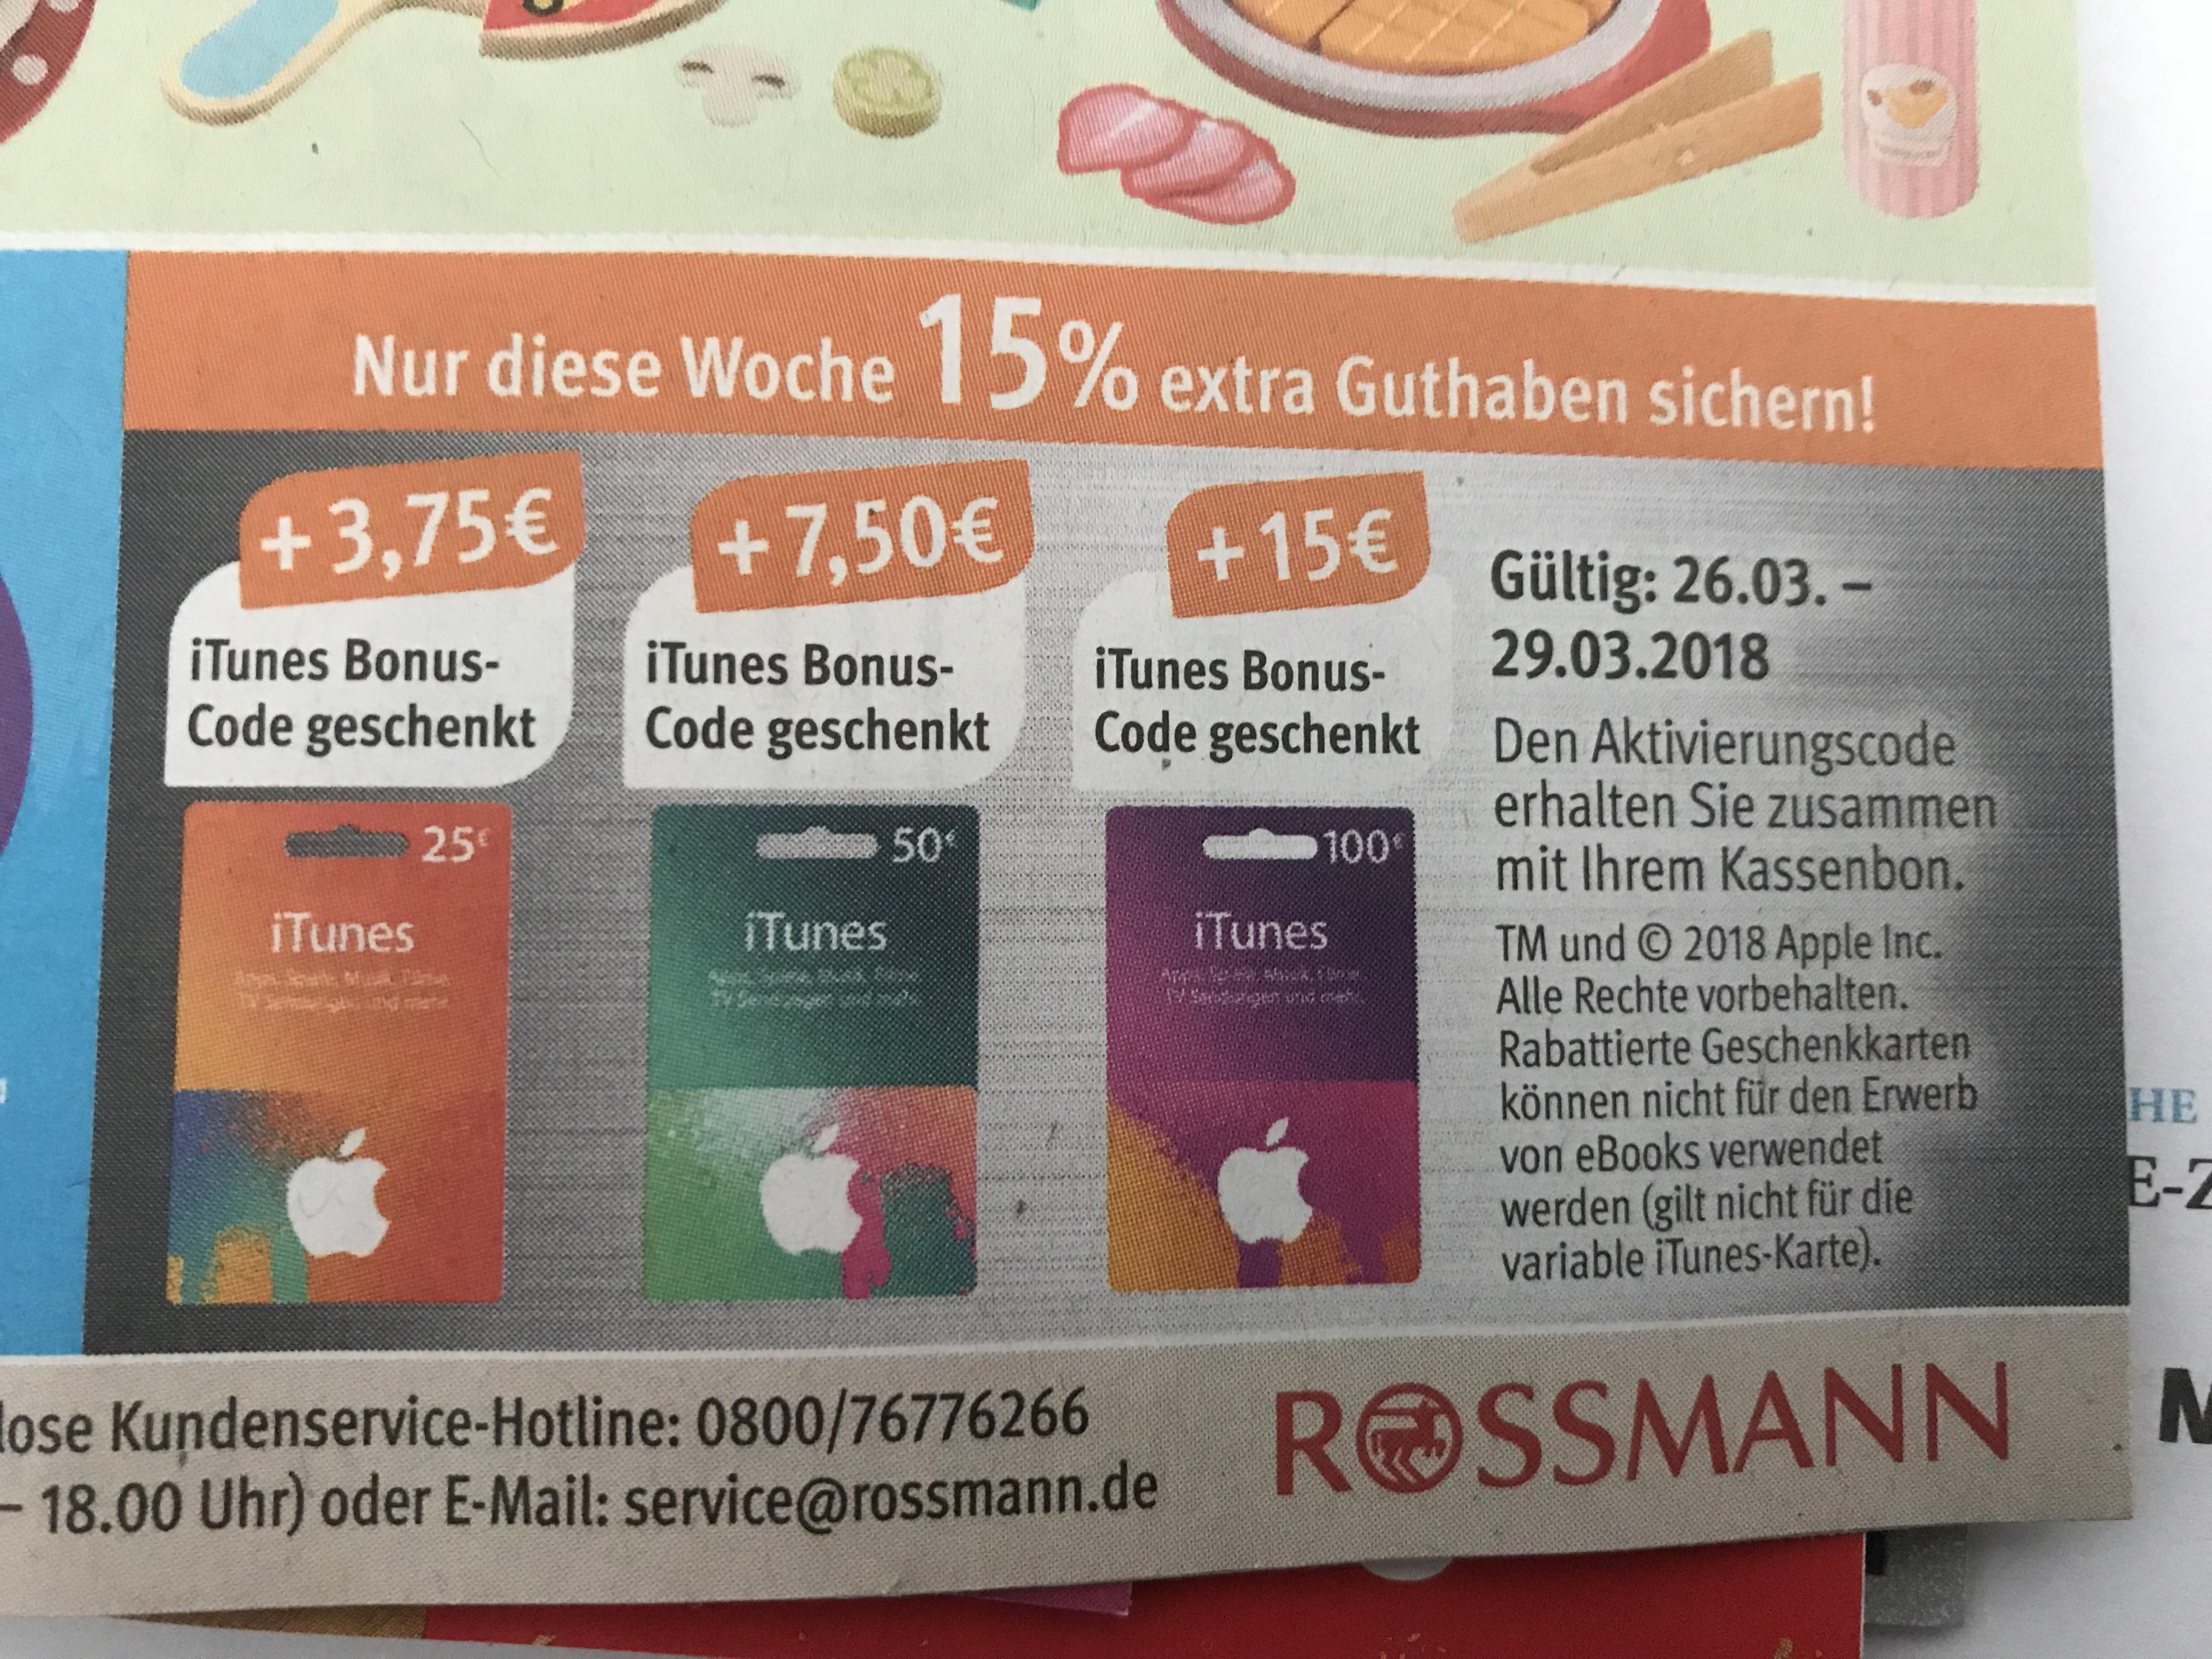 [Rossmann] 15 % Bonus-Guthaben bei iTunes-Karten, gültig vom 26.03. - 29.03.2018